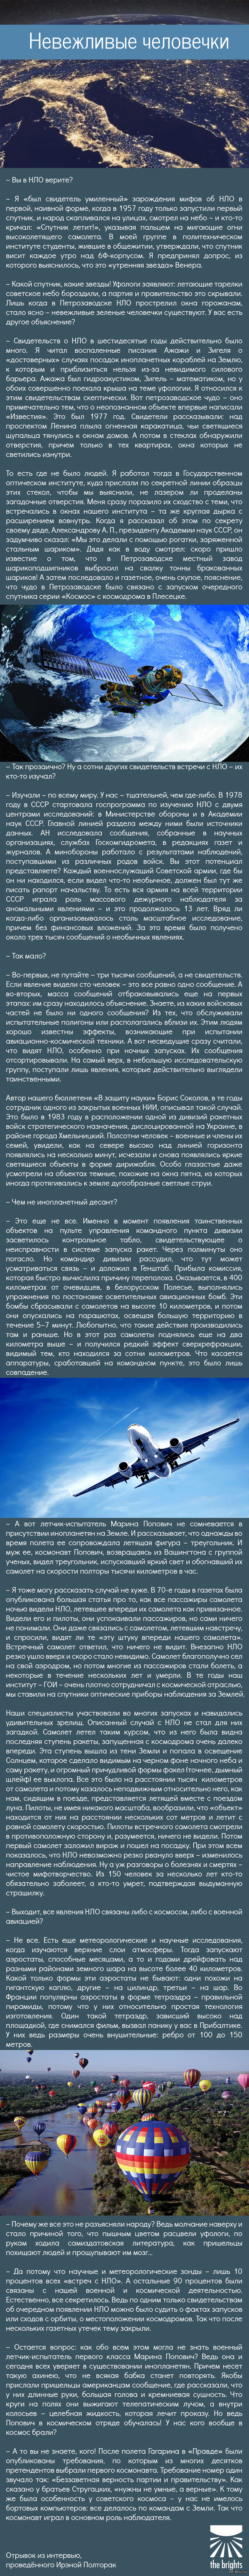 Невежливые человеки. Академик Е.Б. Александров рассказывает, как в народе зародились  первые мифы об НЛО.